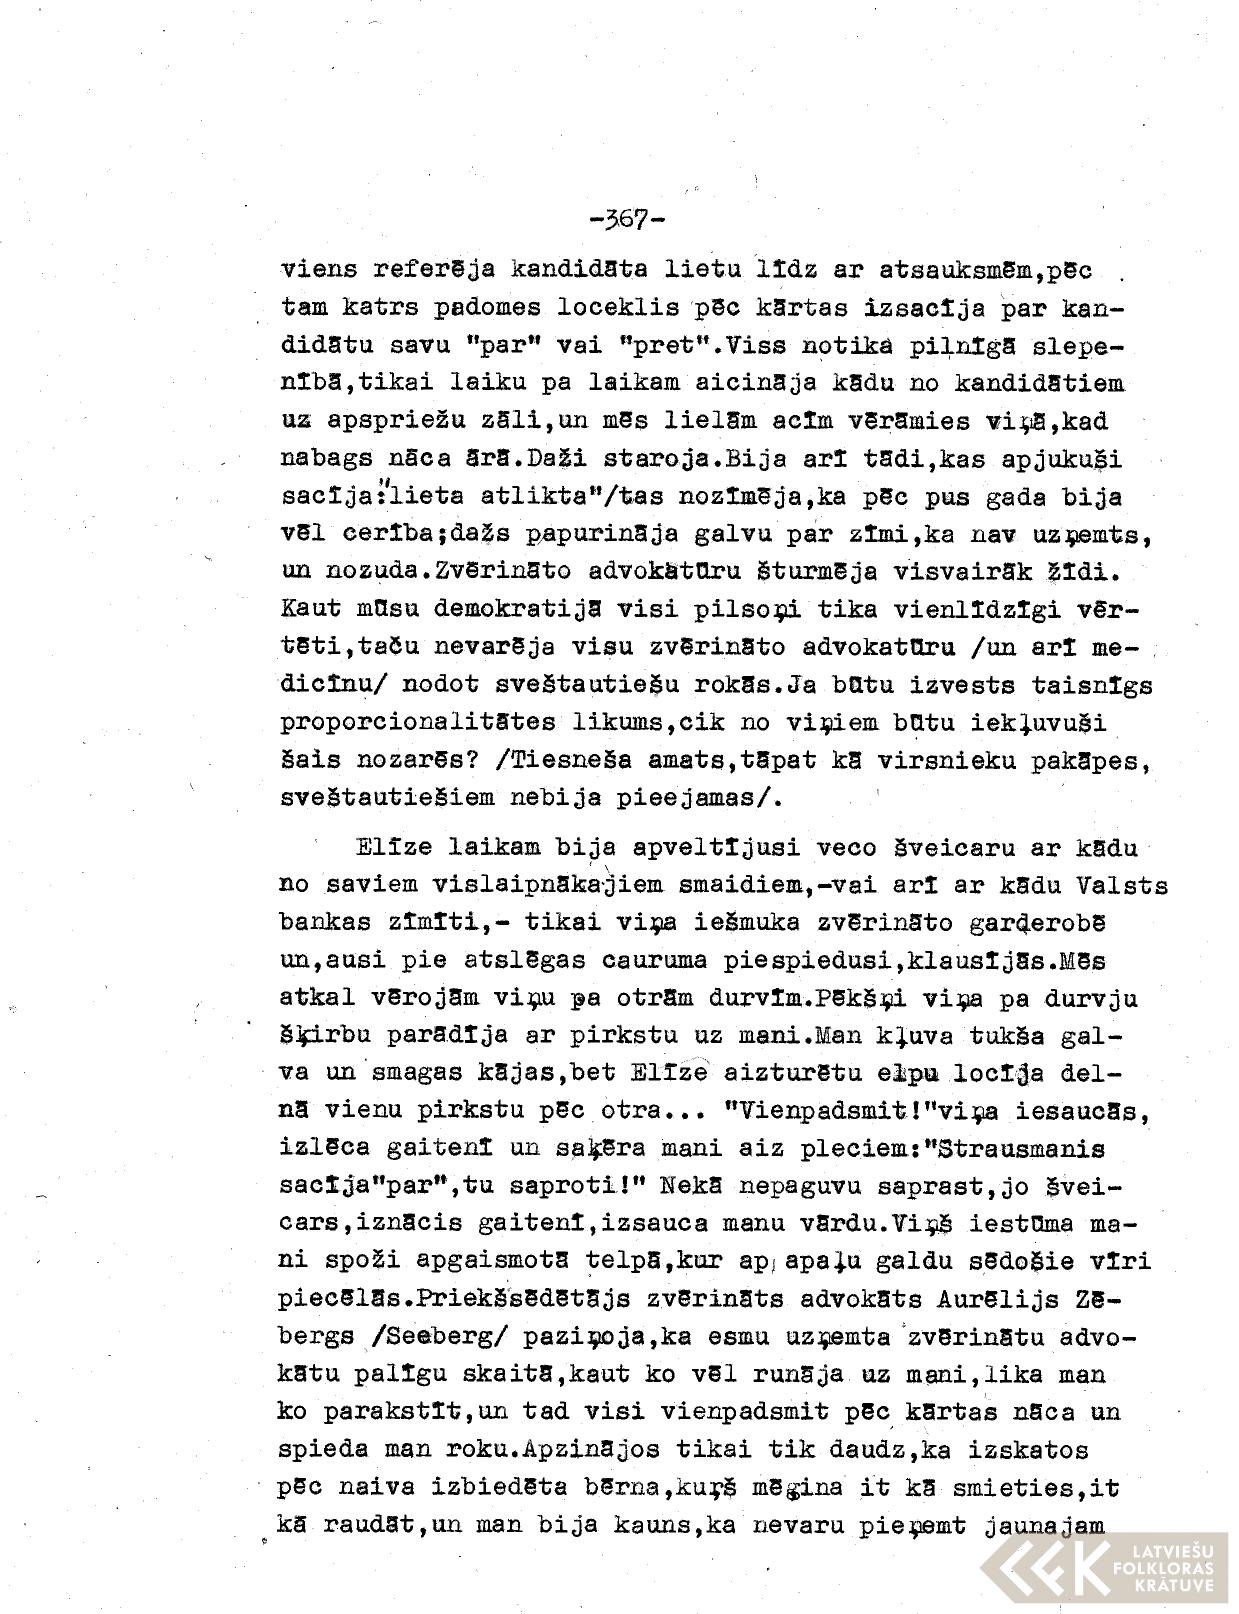 Ak198-Marijas-Berzinas-atminas-01-0395